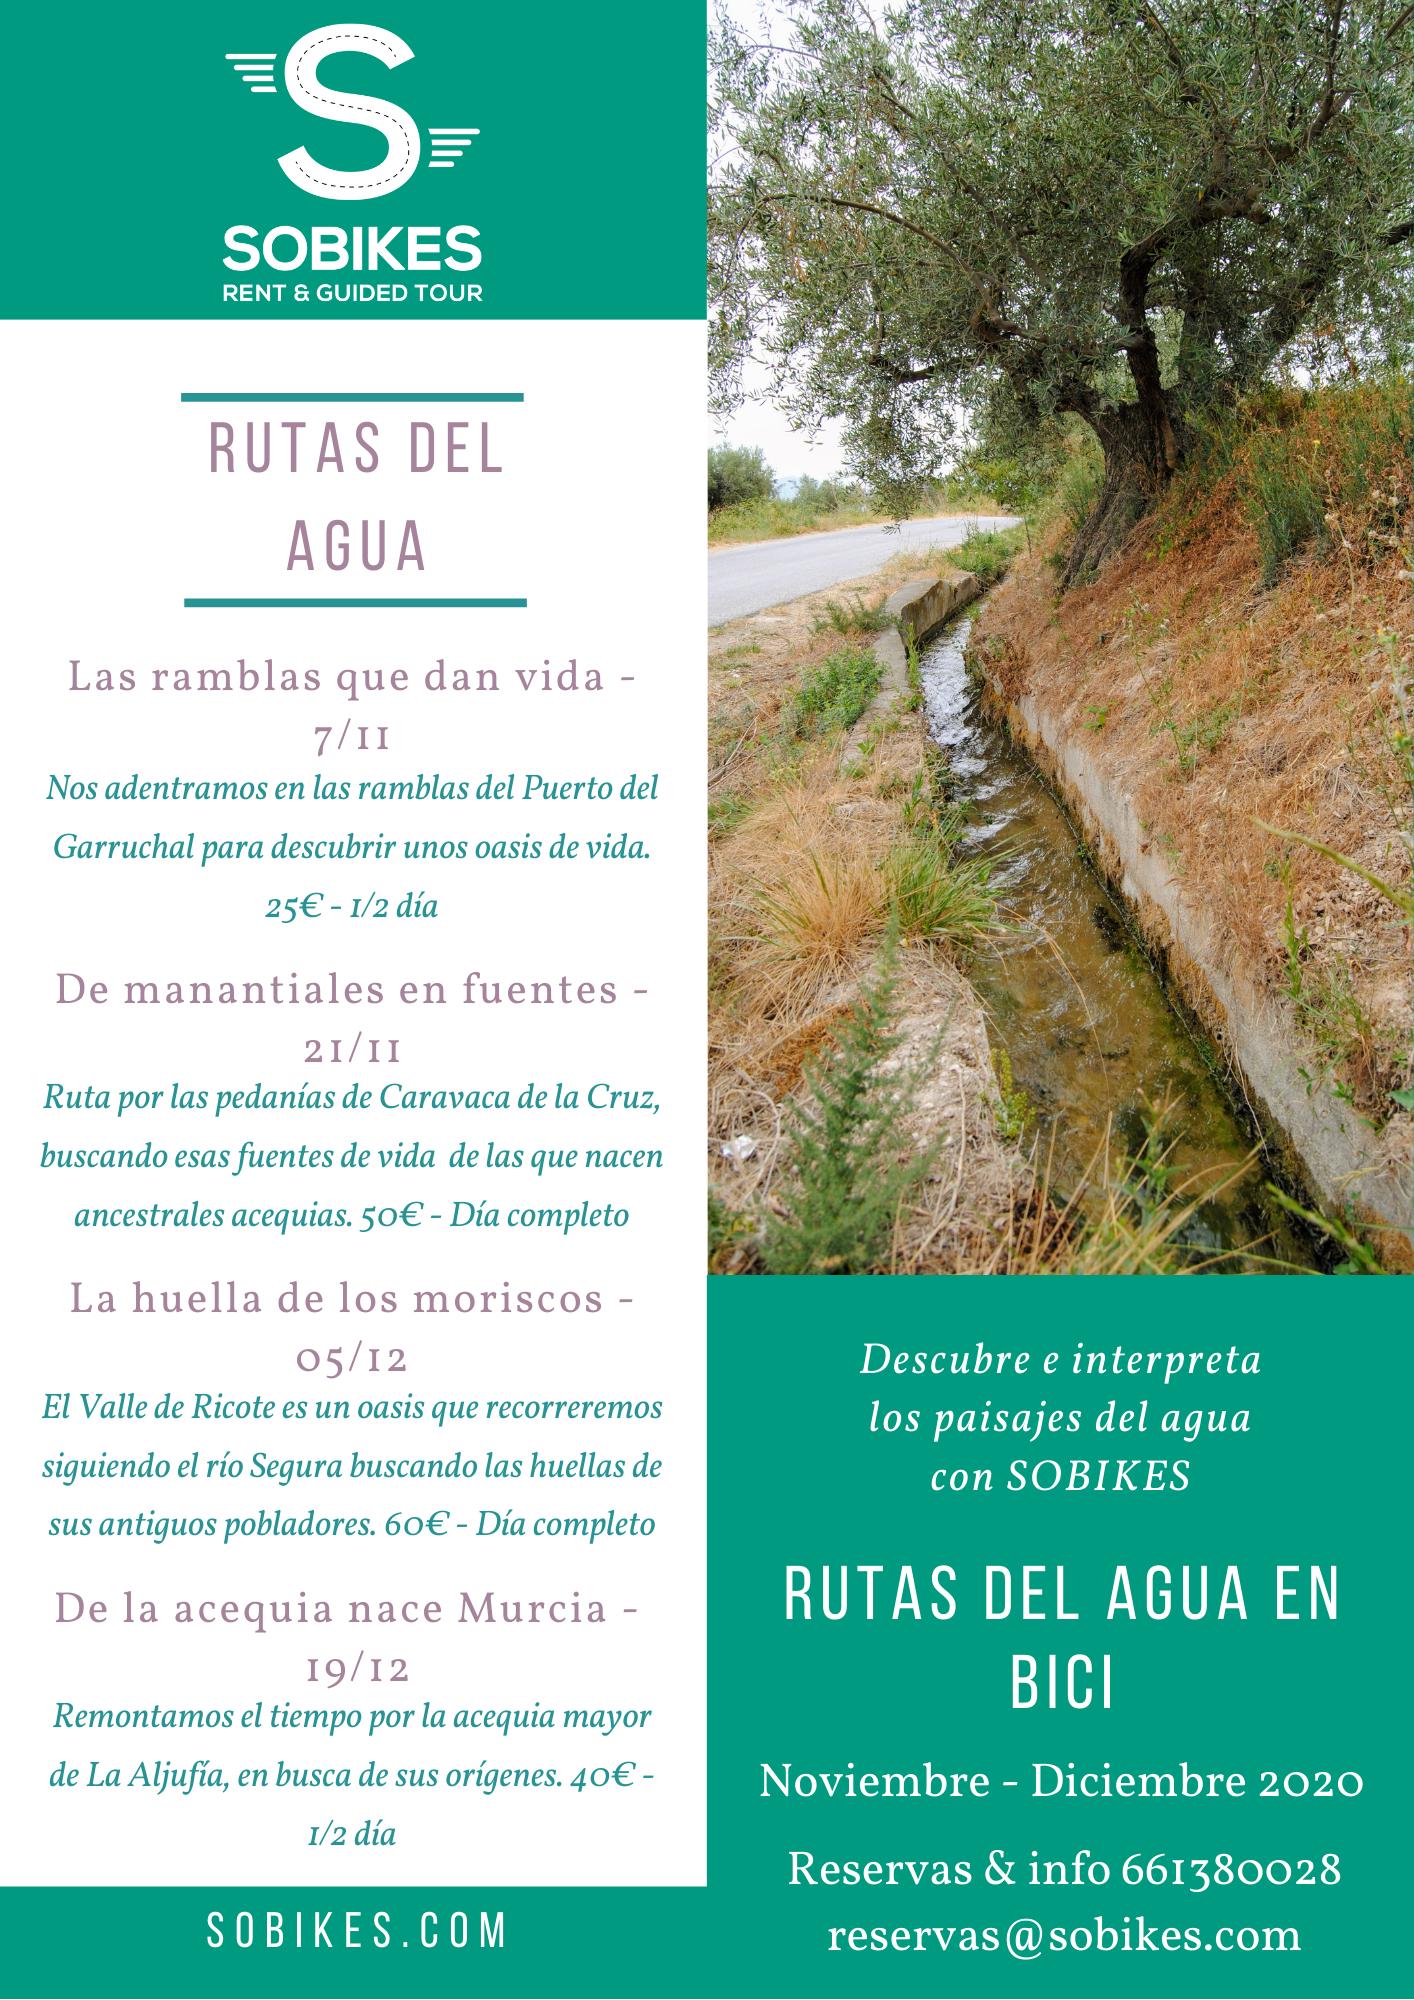 Programa de las Rutas del Agua, con Sobikes